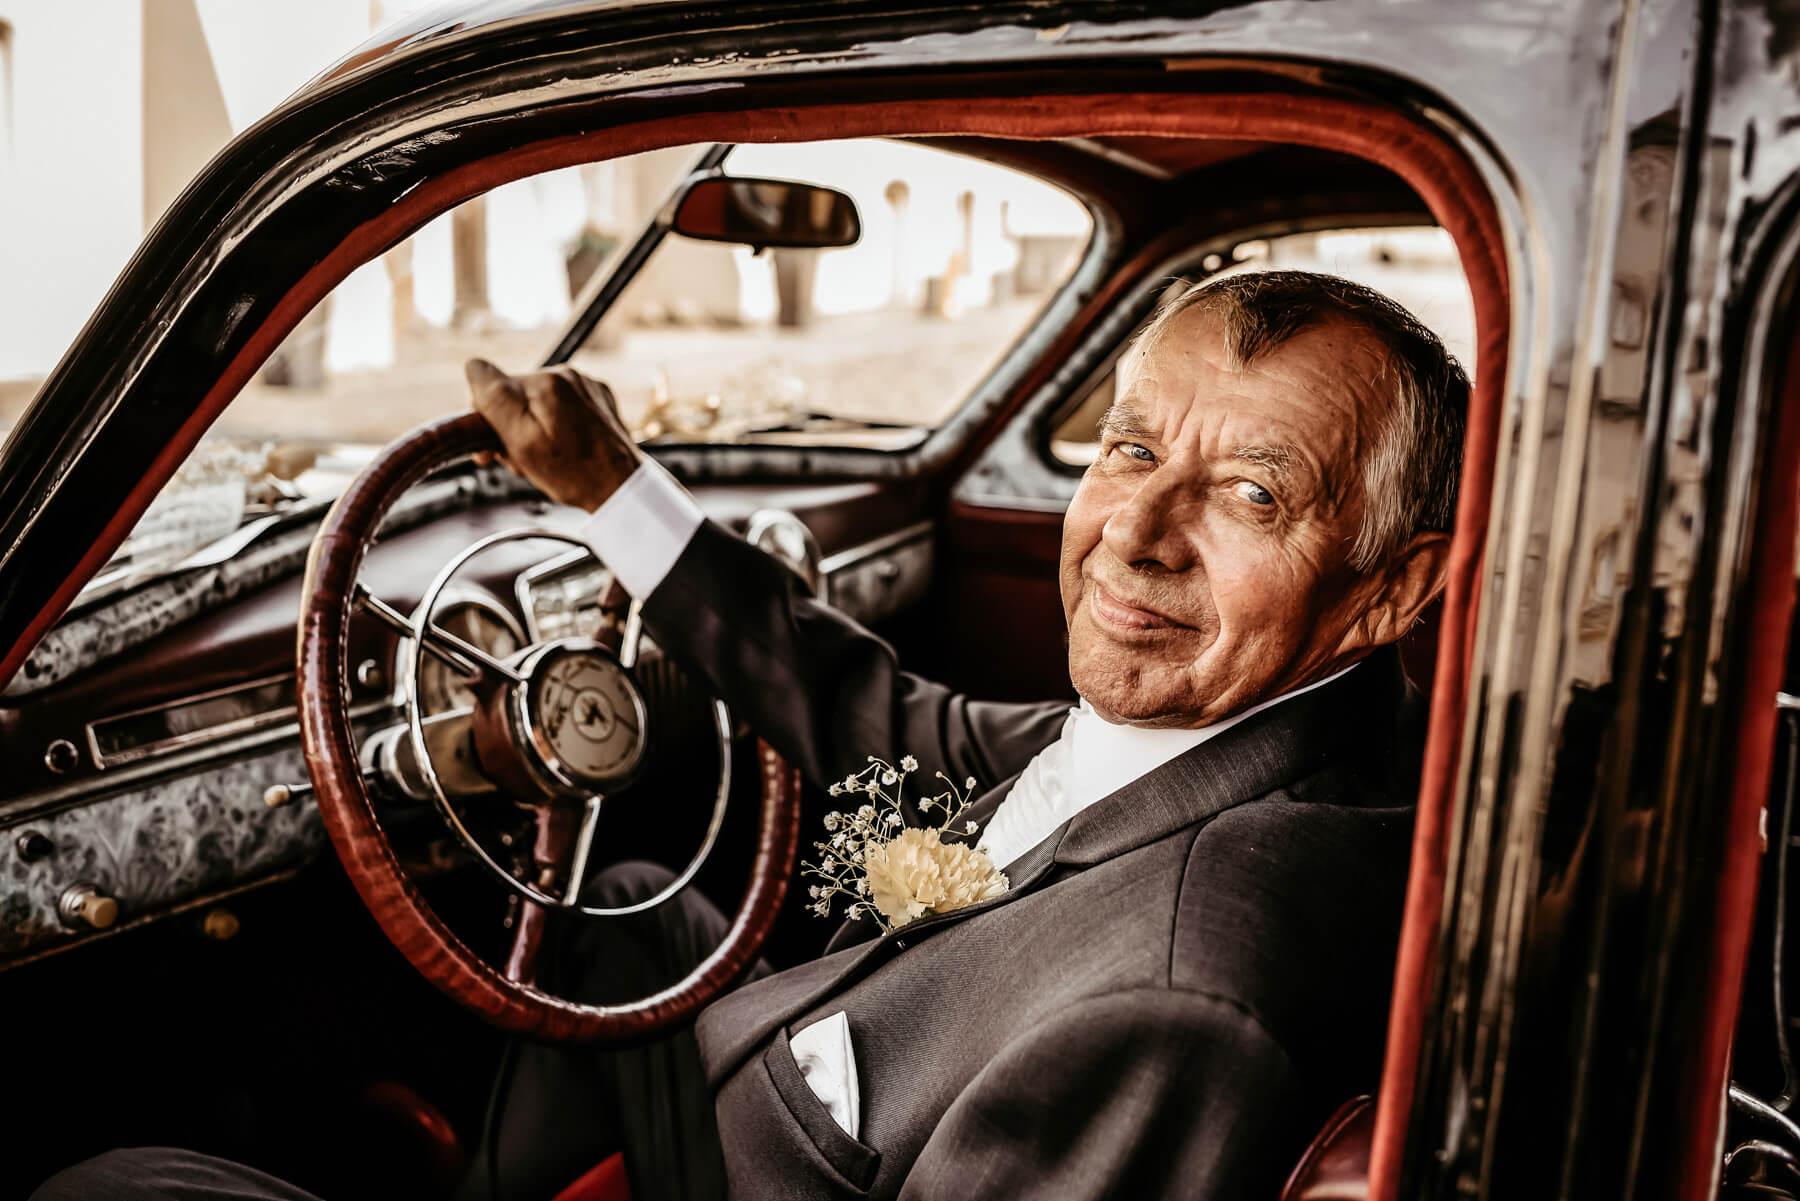 50 metu vestuviu metines